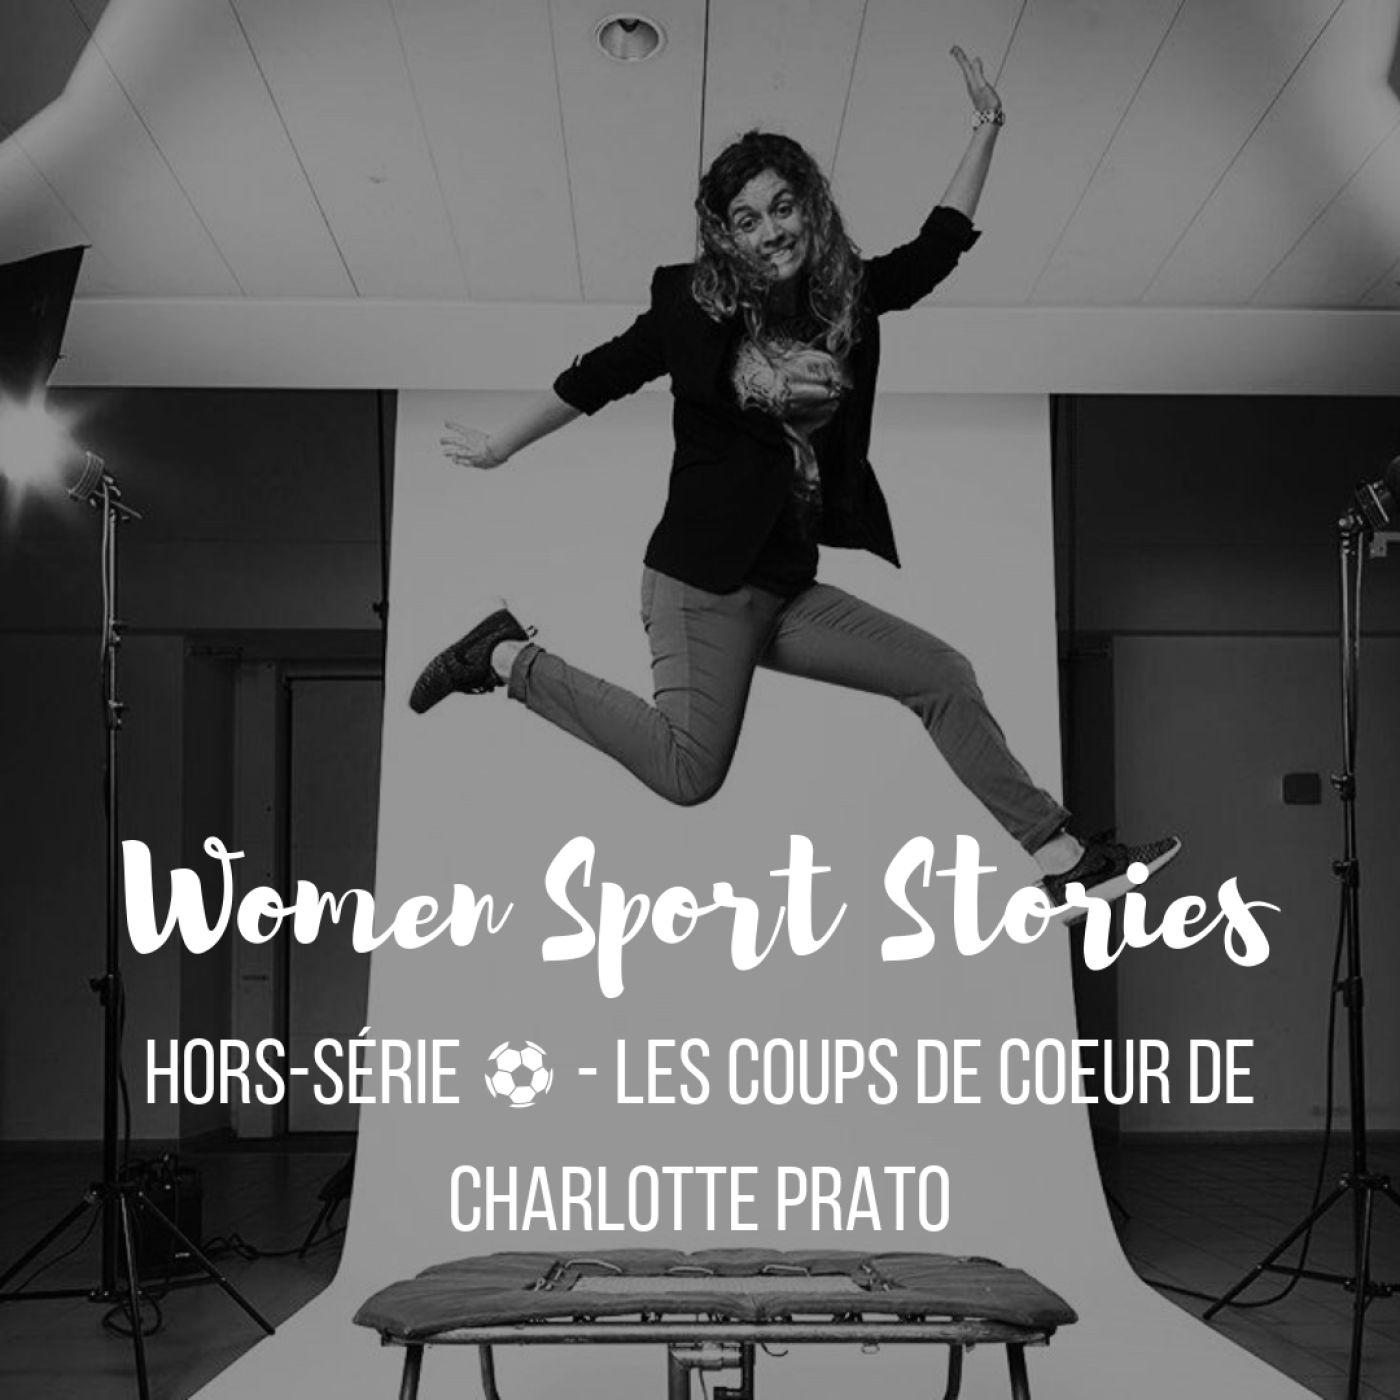 Hors-Série 2 - Football : Les coups de coeurs de Charlotte Prato